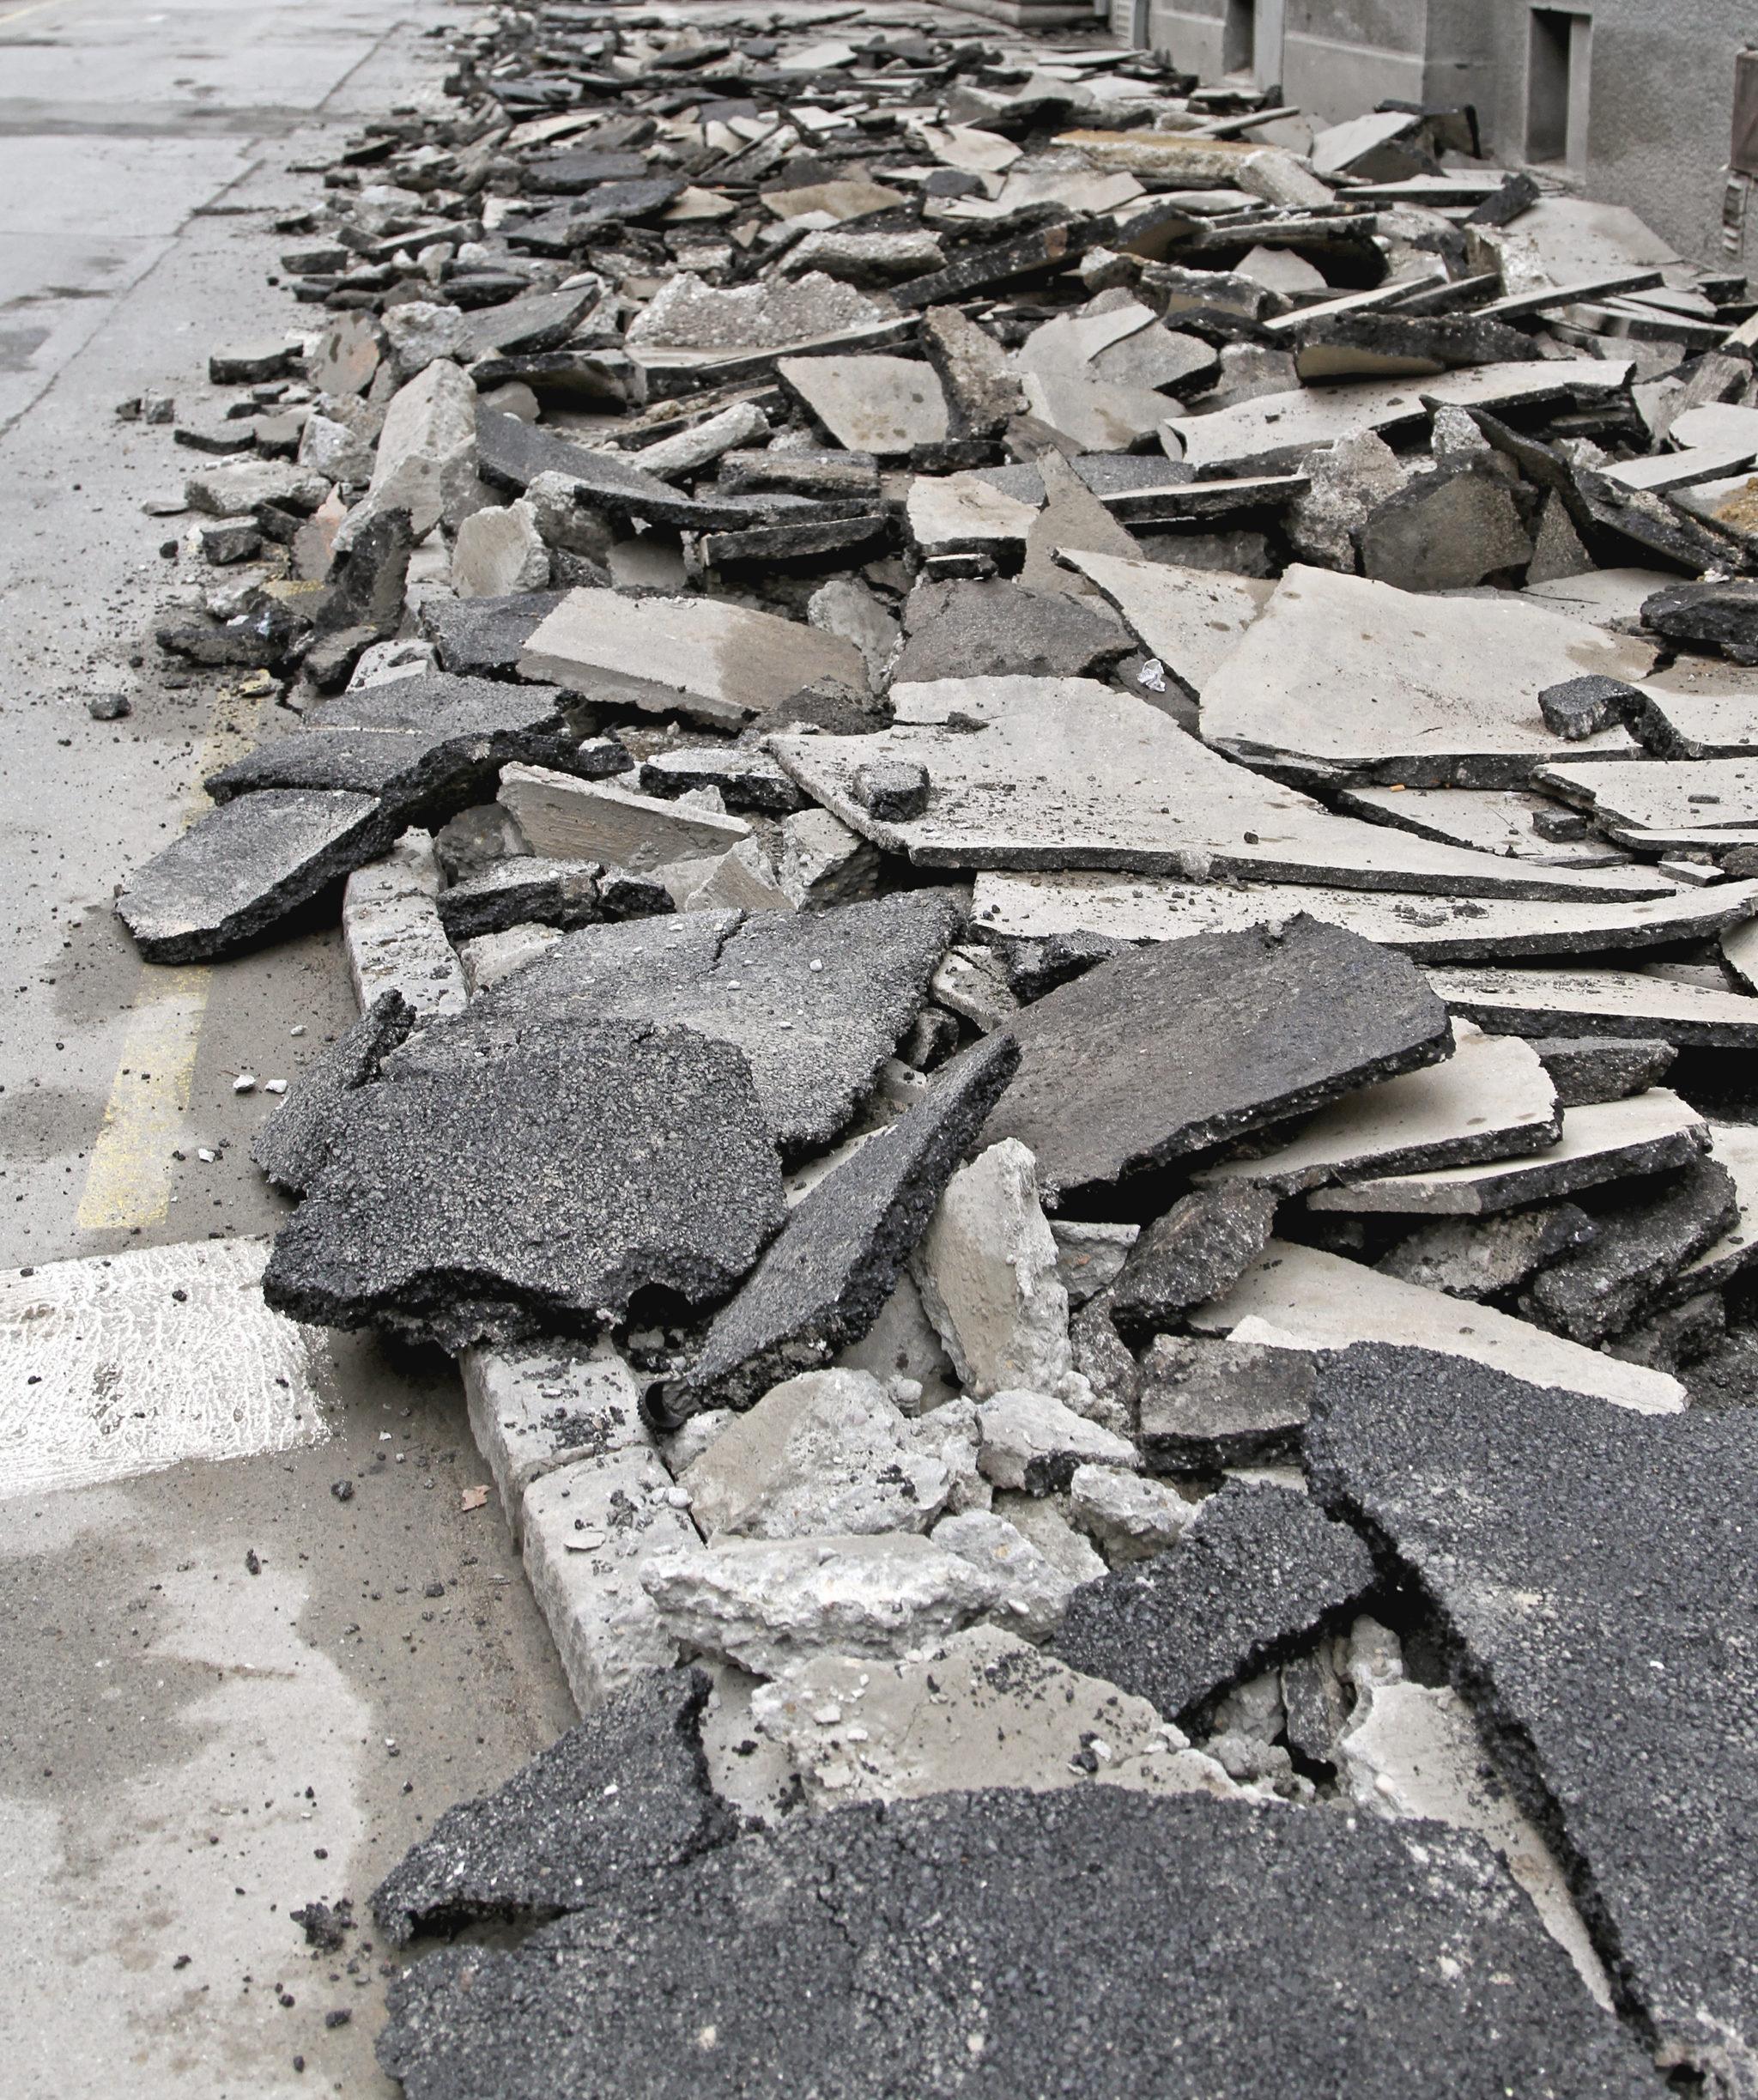 Schollen aus altem Asphalt: Das Bruchmaterial dient als Rohstoff für neuen Strassenbelag.